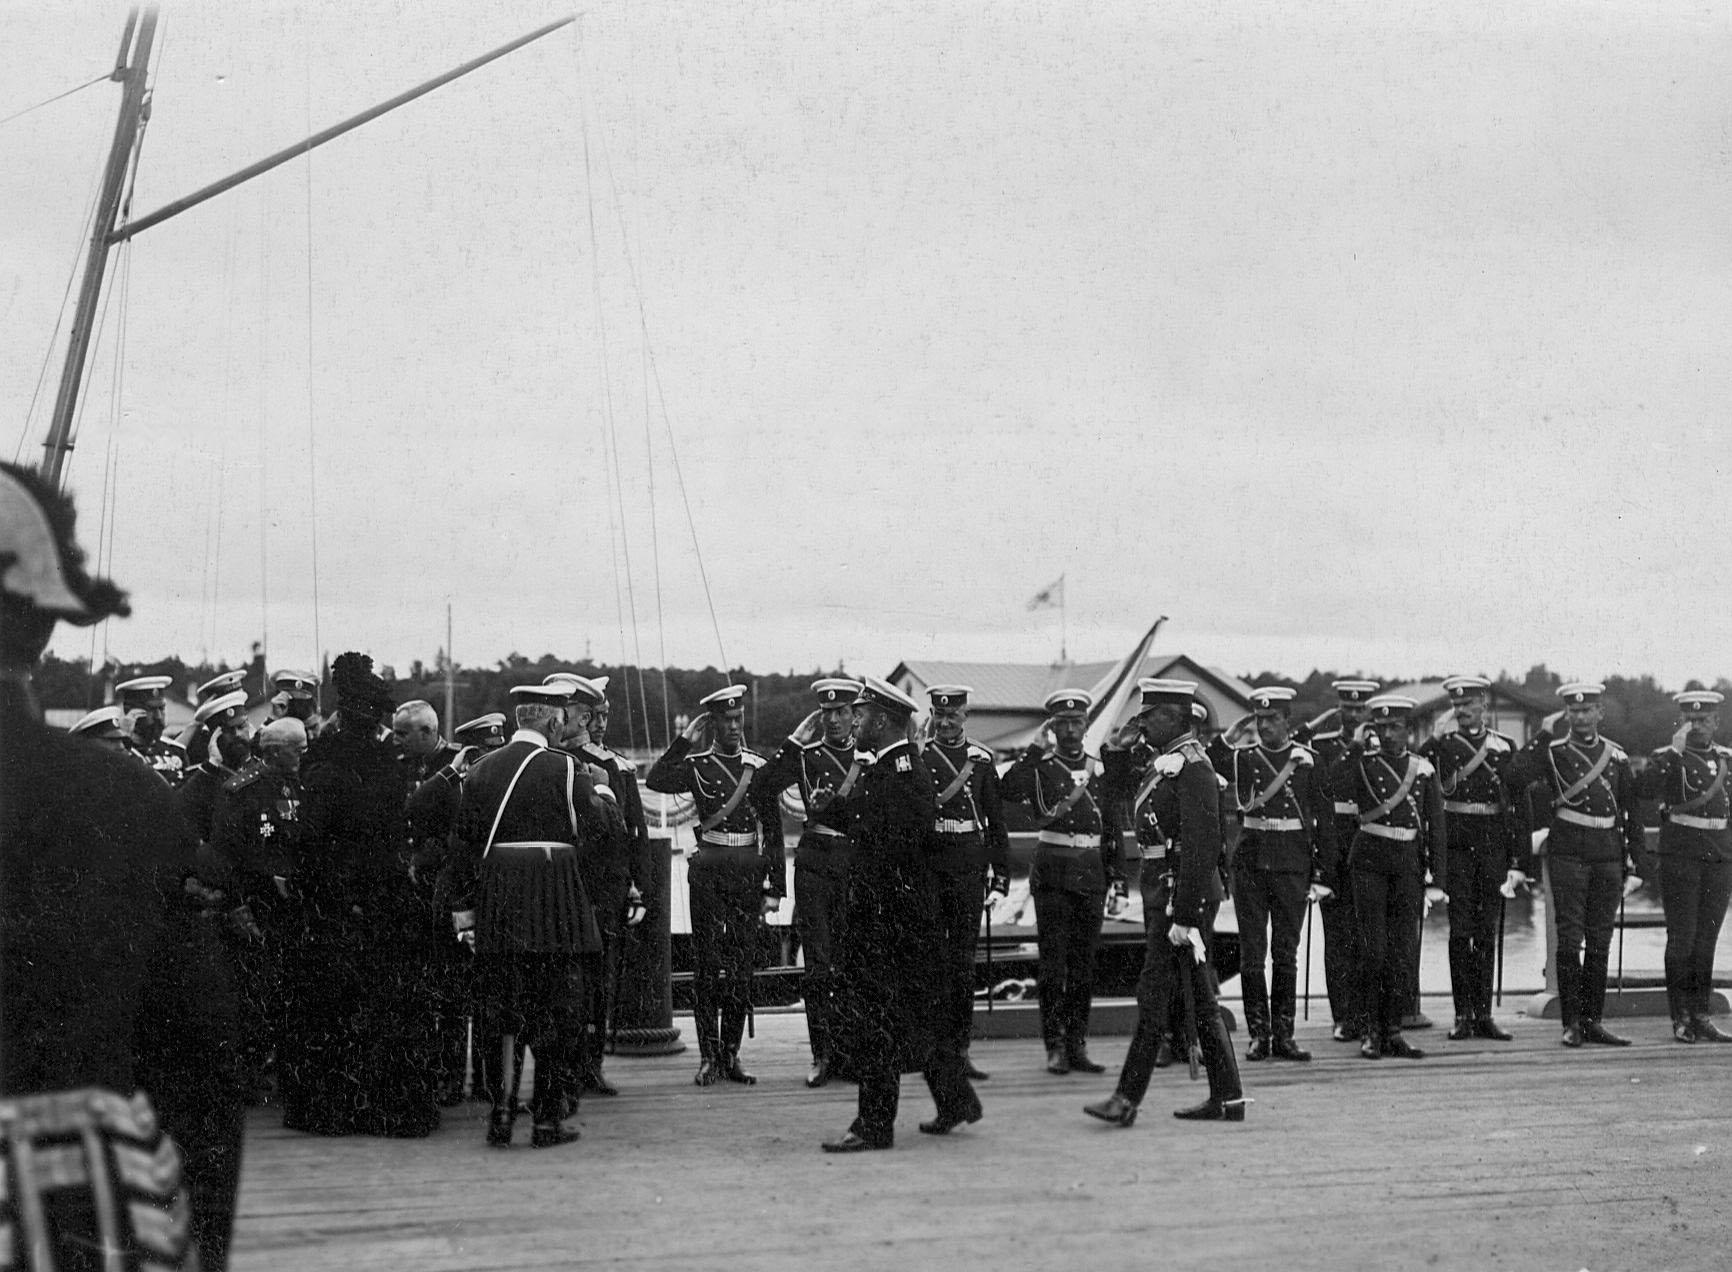 Император Николай II и императрица Александра Федоровна, прибывшие на яхте Штандарт, обходят встречающих их офицеров Уланского Её Величества лейб-гвардии полка